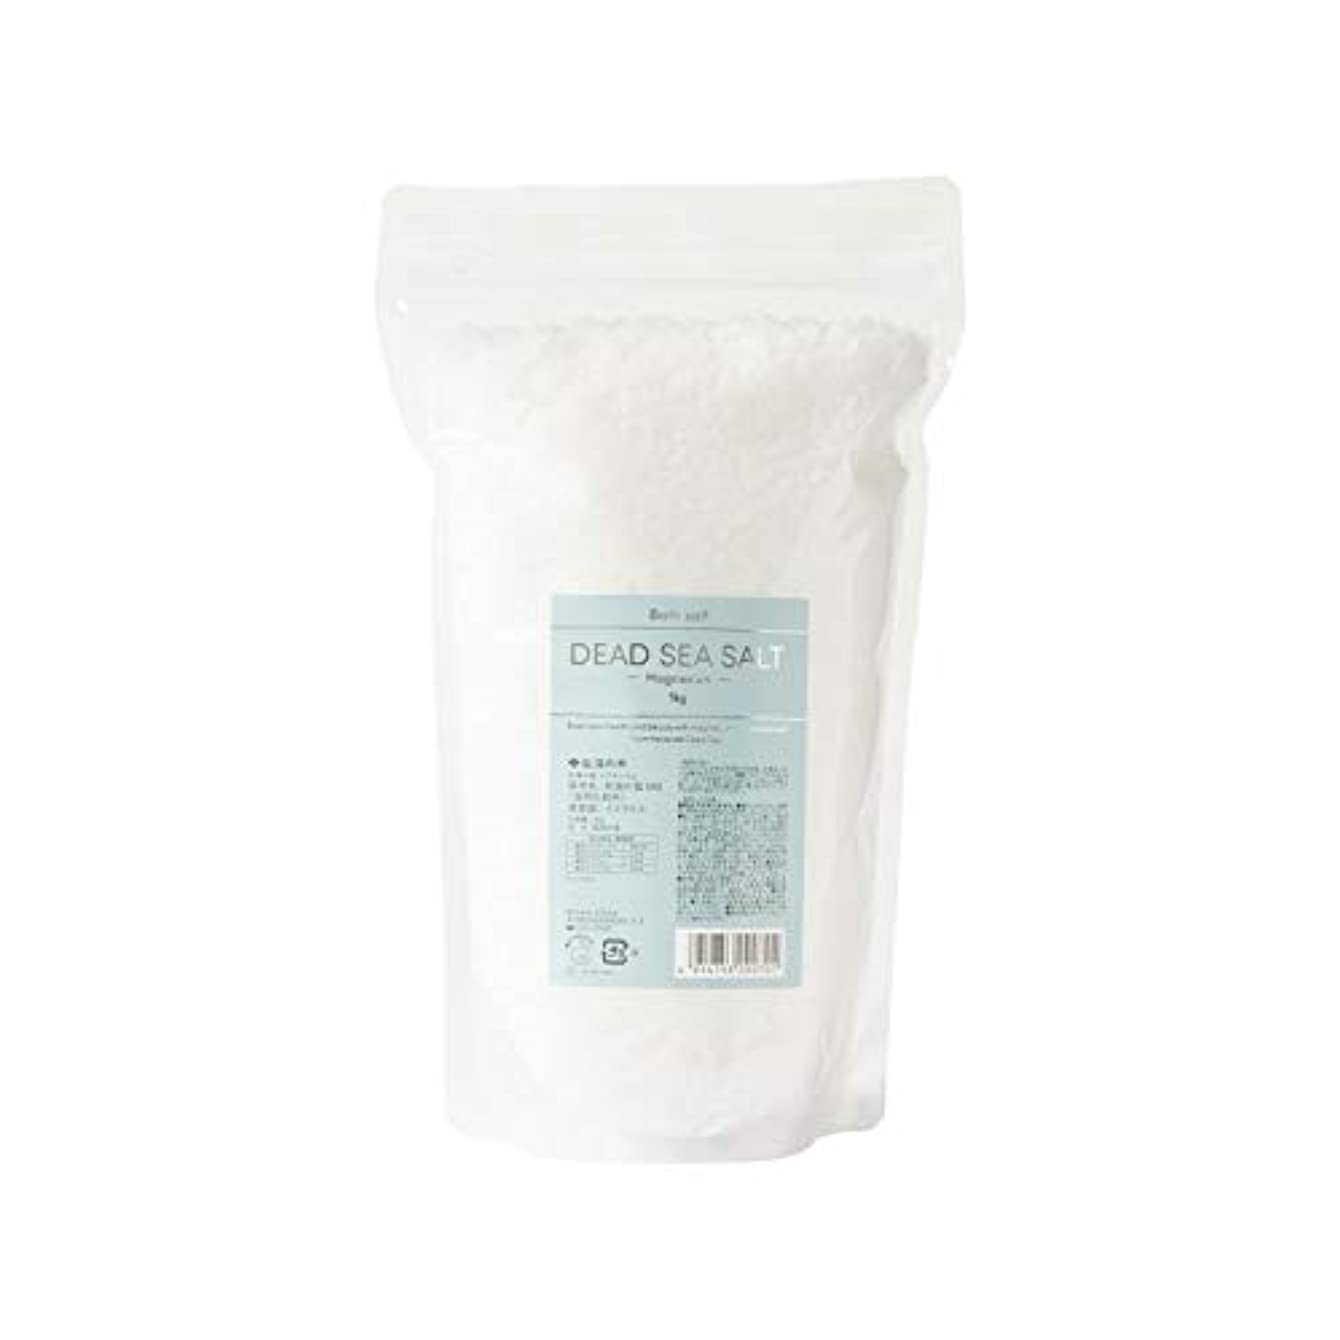 生活の木 死海の塩マグネシウム 1kg